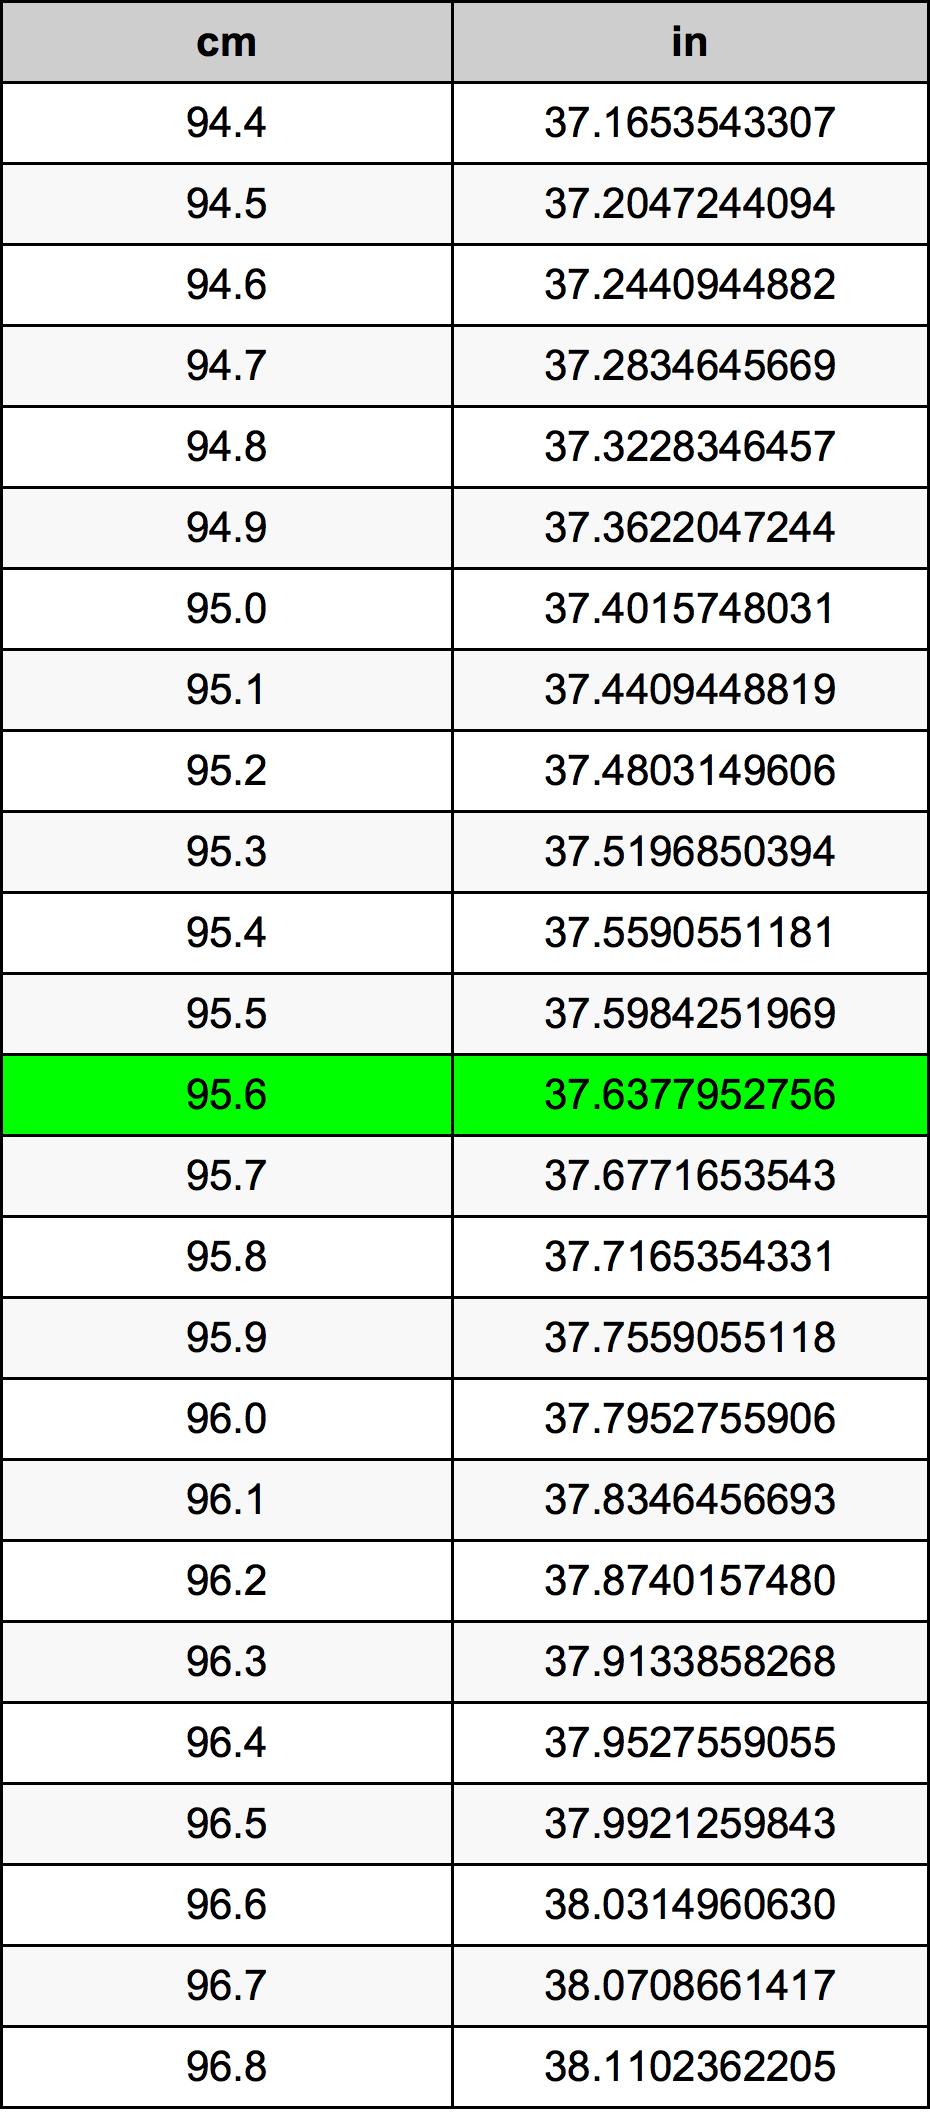 95.6厘米換算表